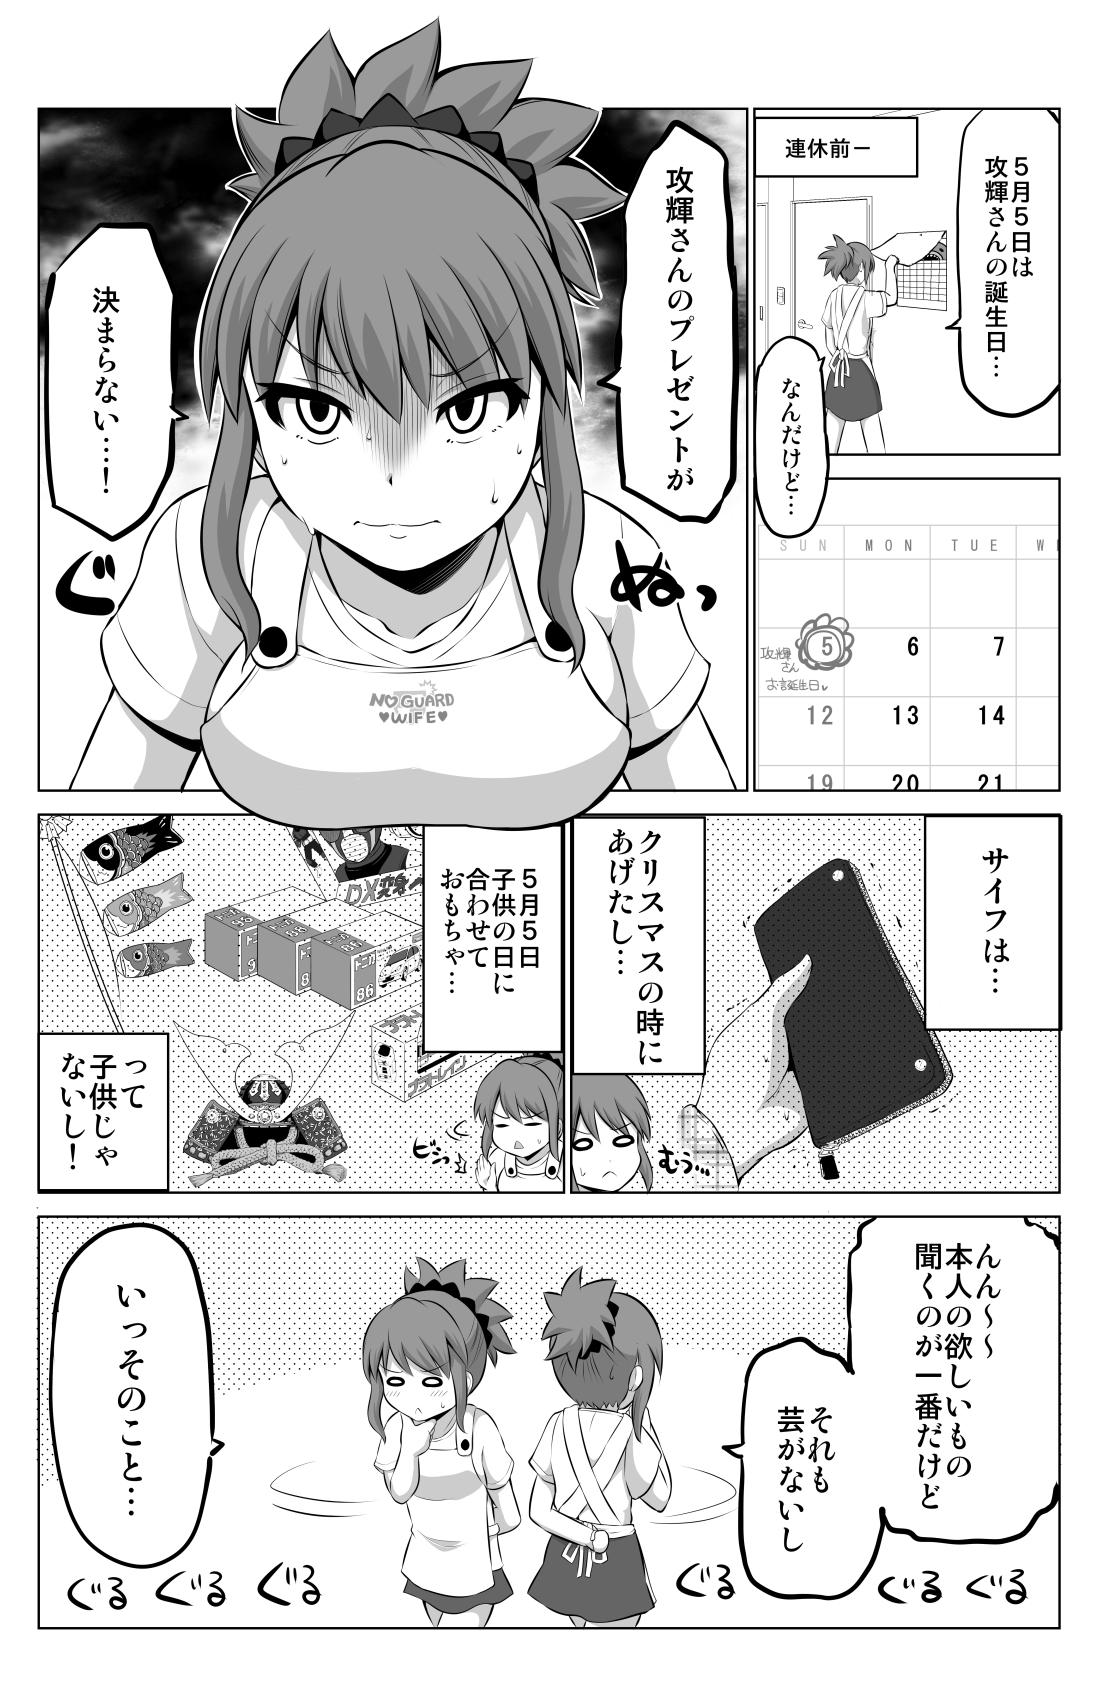 【第53話】防御力ゼロの嫁 攻輝さん誕生日編